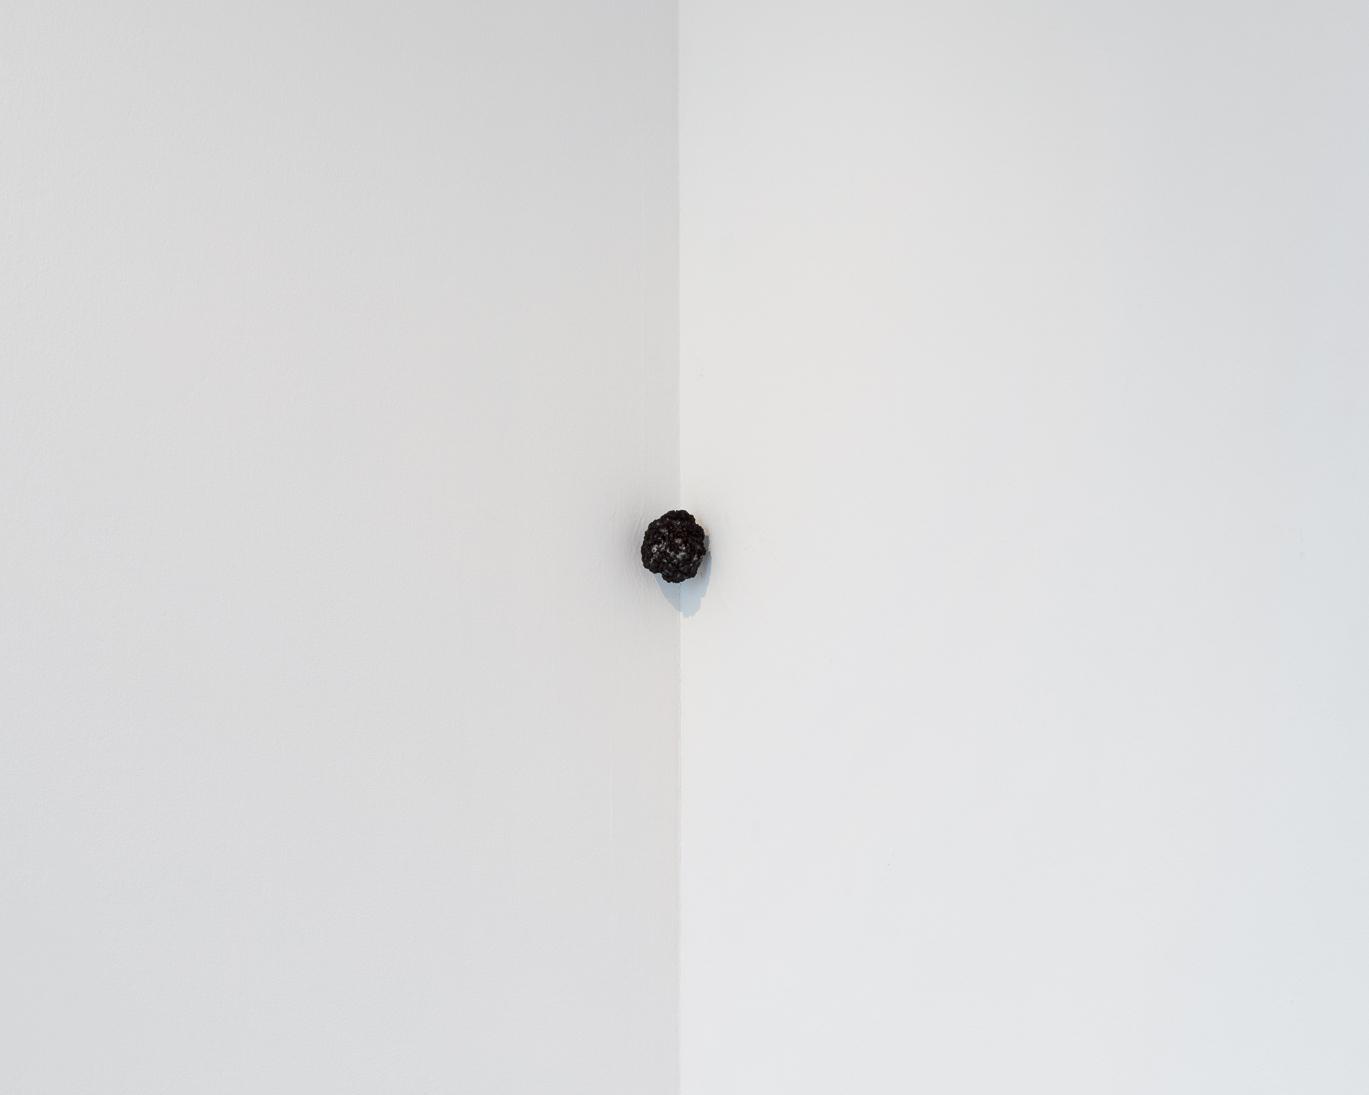 ┬®JeromeCombe-CentreTignous-2018-05-04